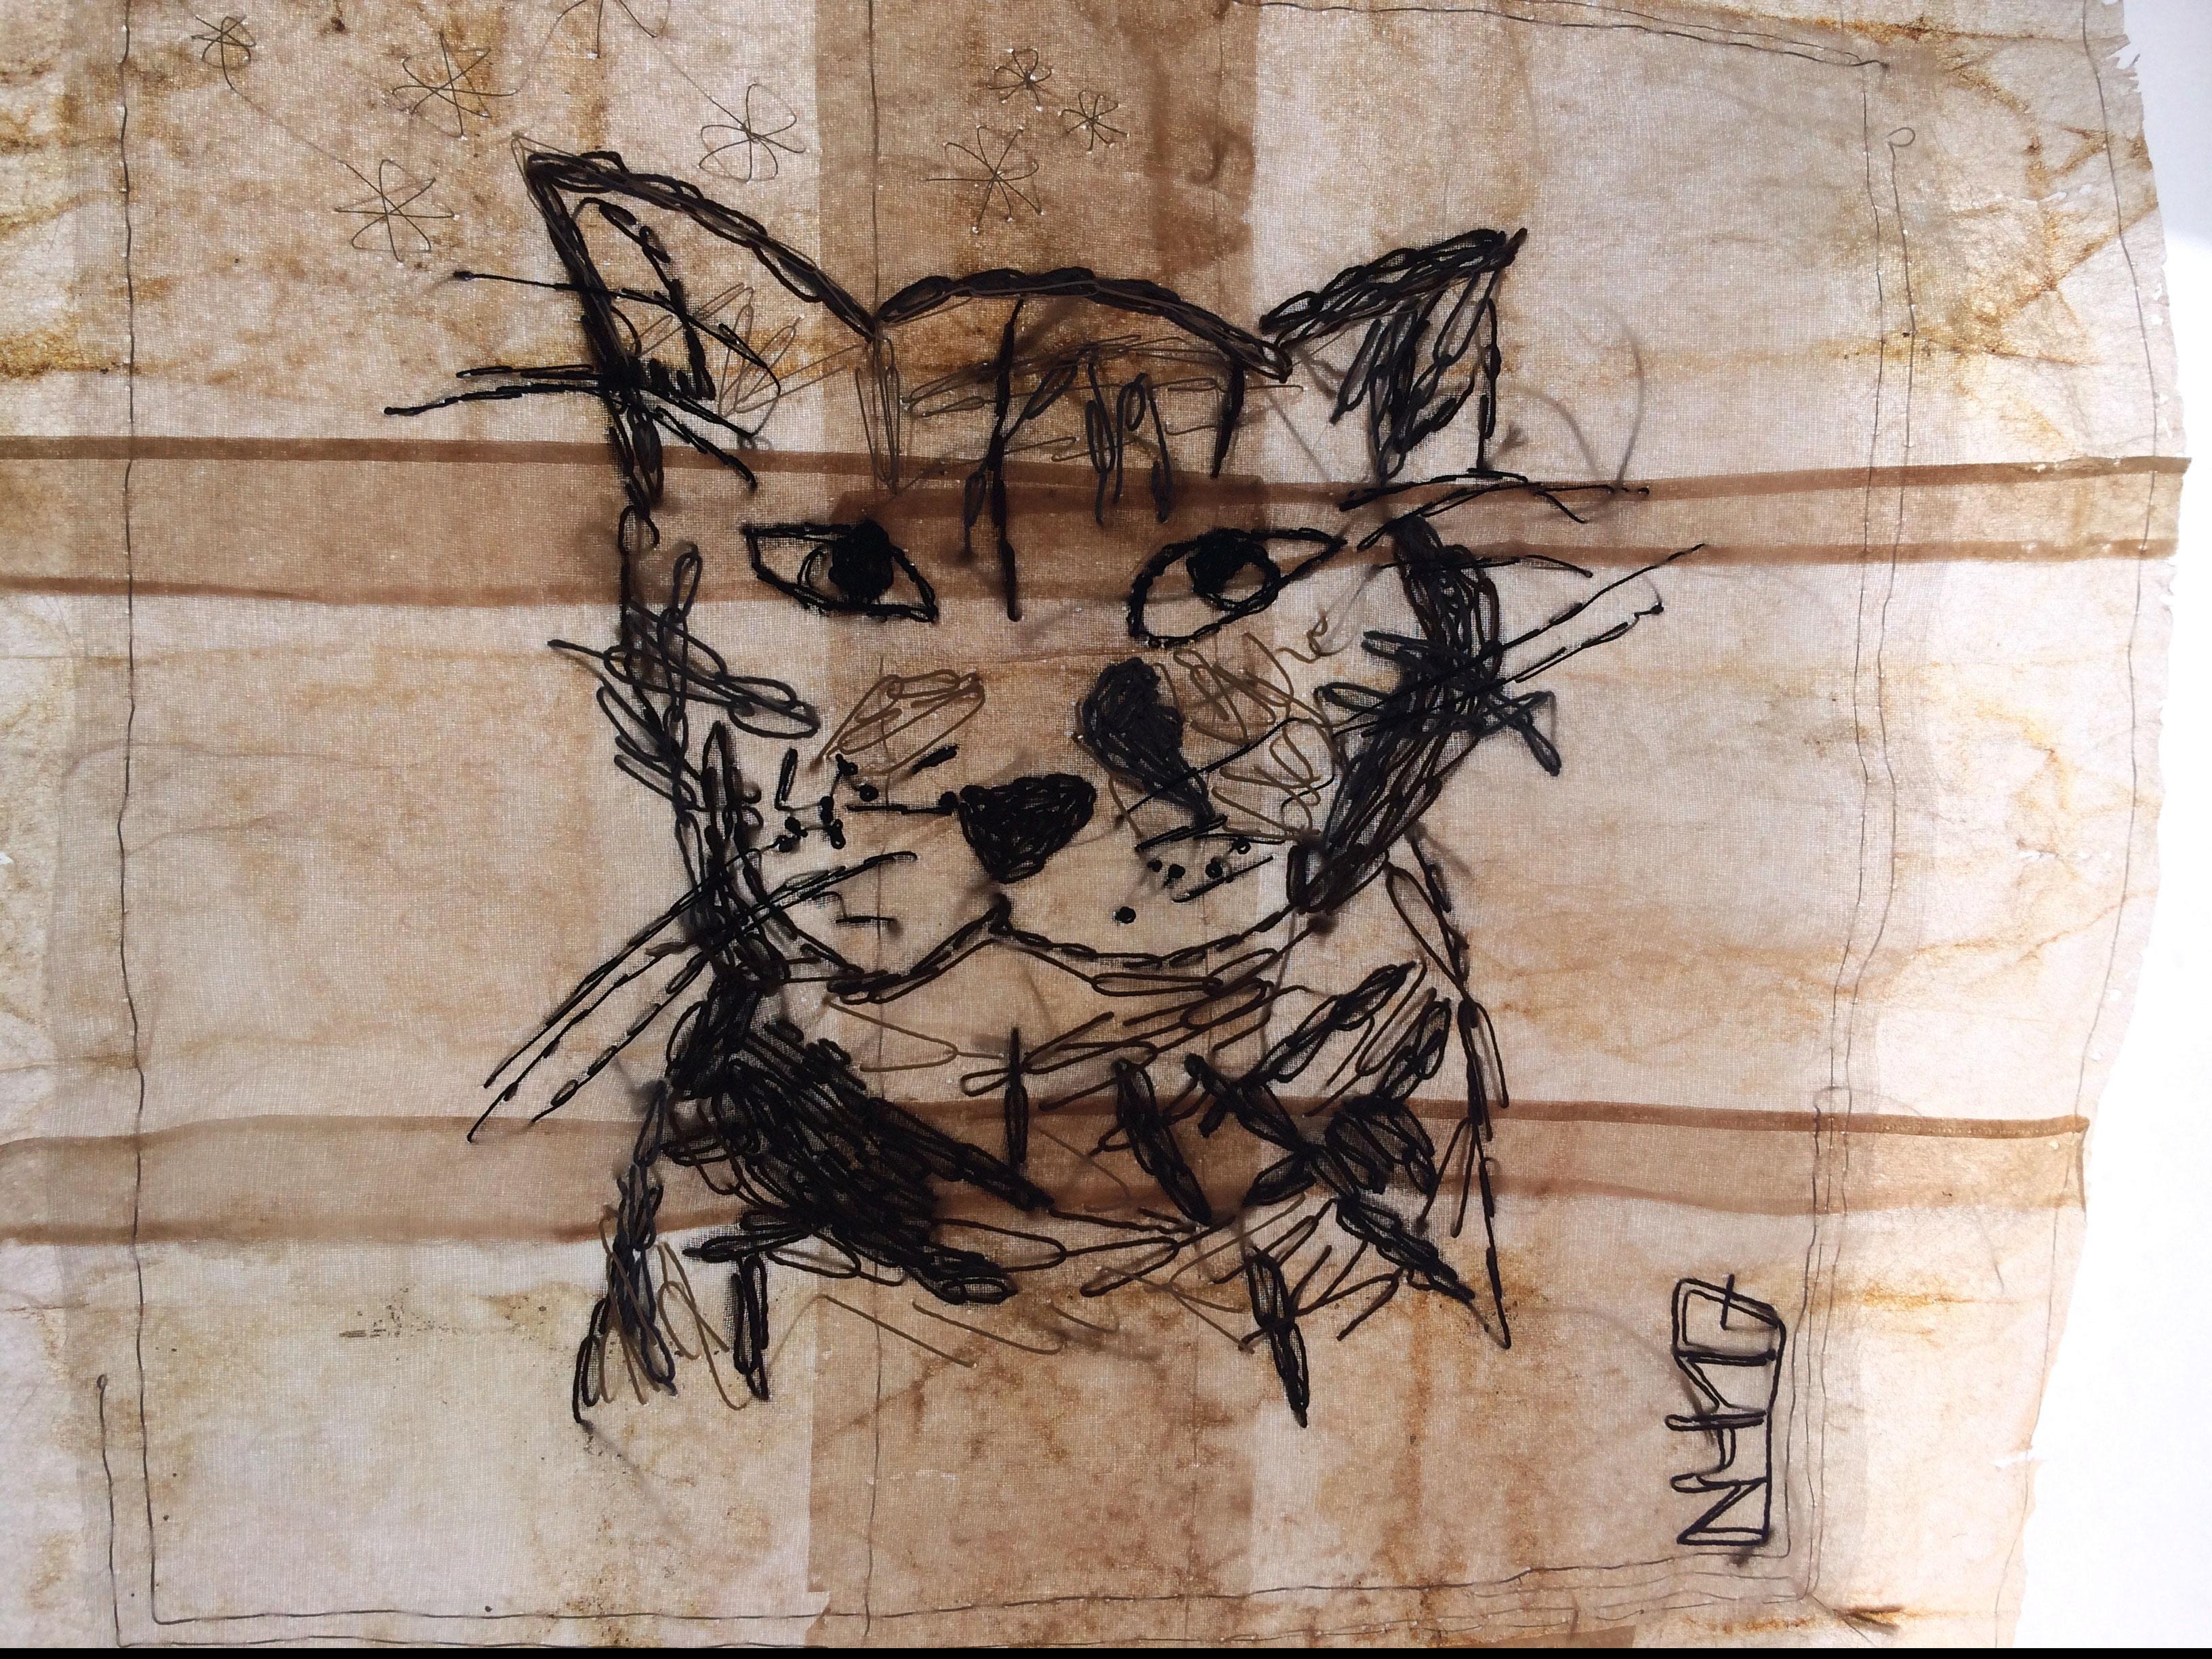 """Für Jean: """"Wilder Berglöwe, zum Sprung sich duckend"""" von Nadja Hormisch; Detail einer handbestickten Fahne aus Abacapapier und Seide, Motiv nach einer Katzenskizze von Jean Lessenich"""